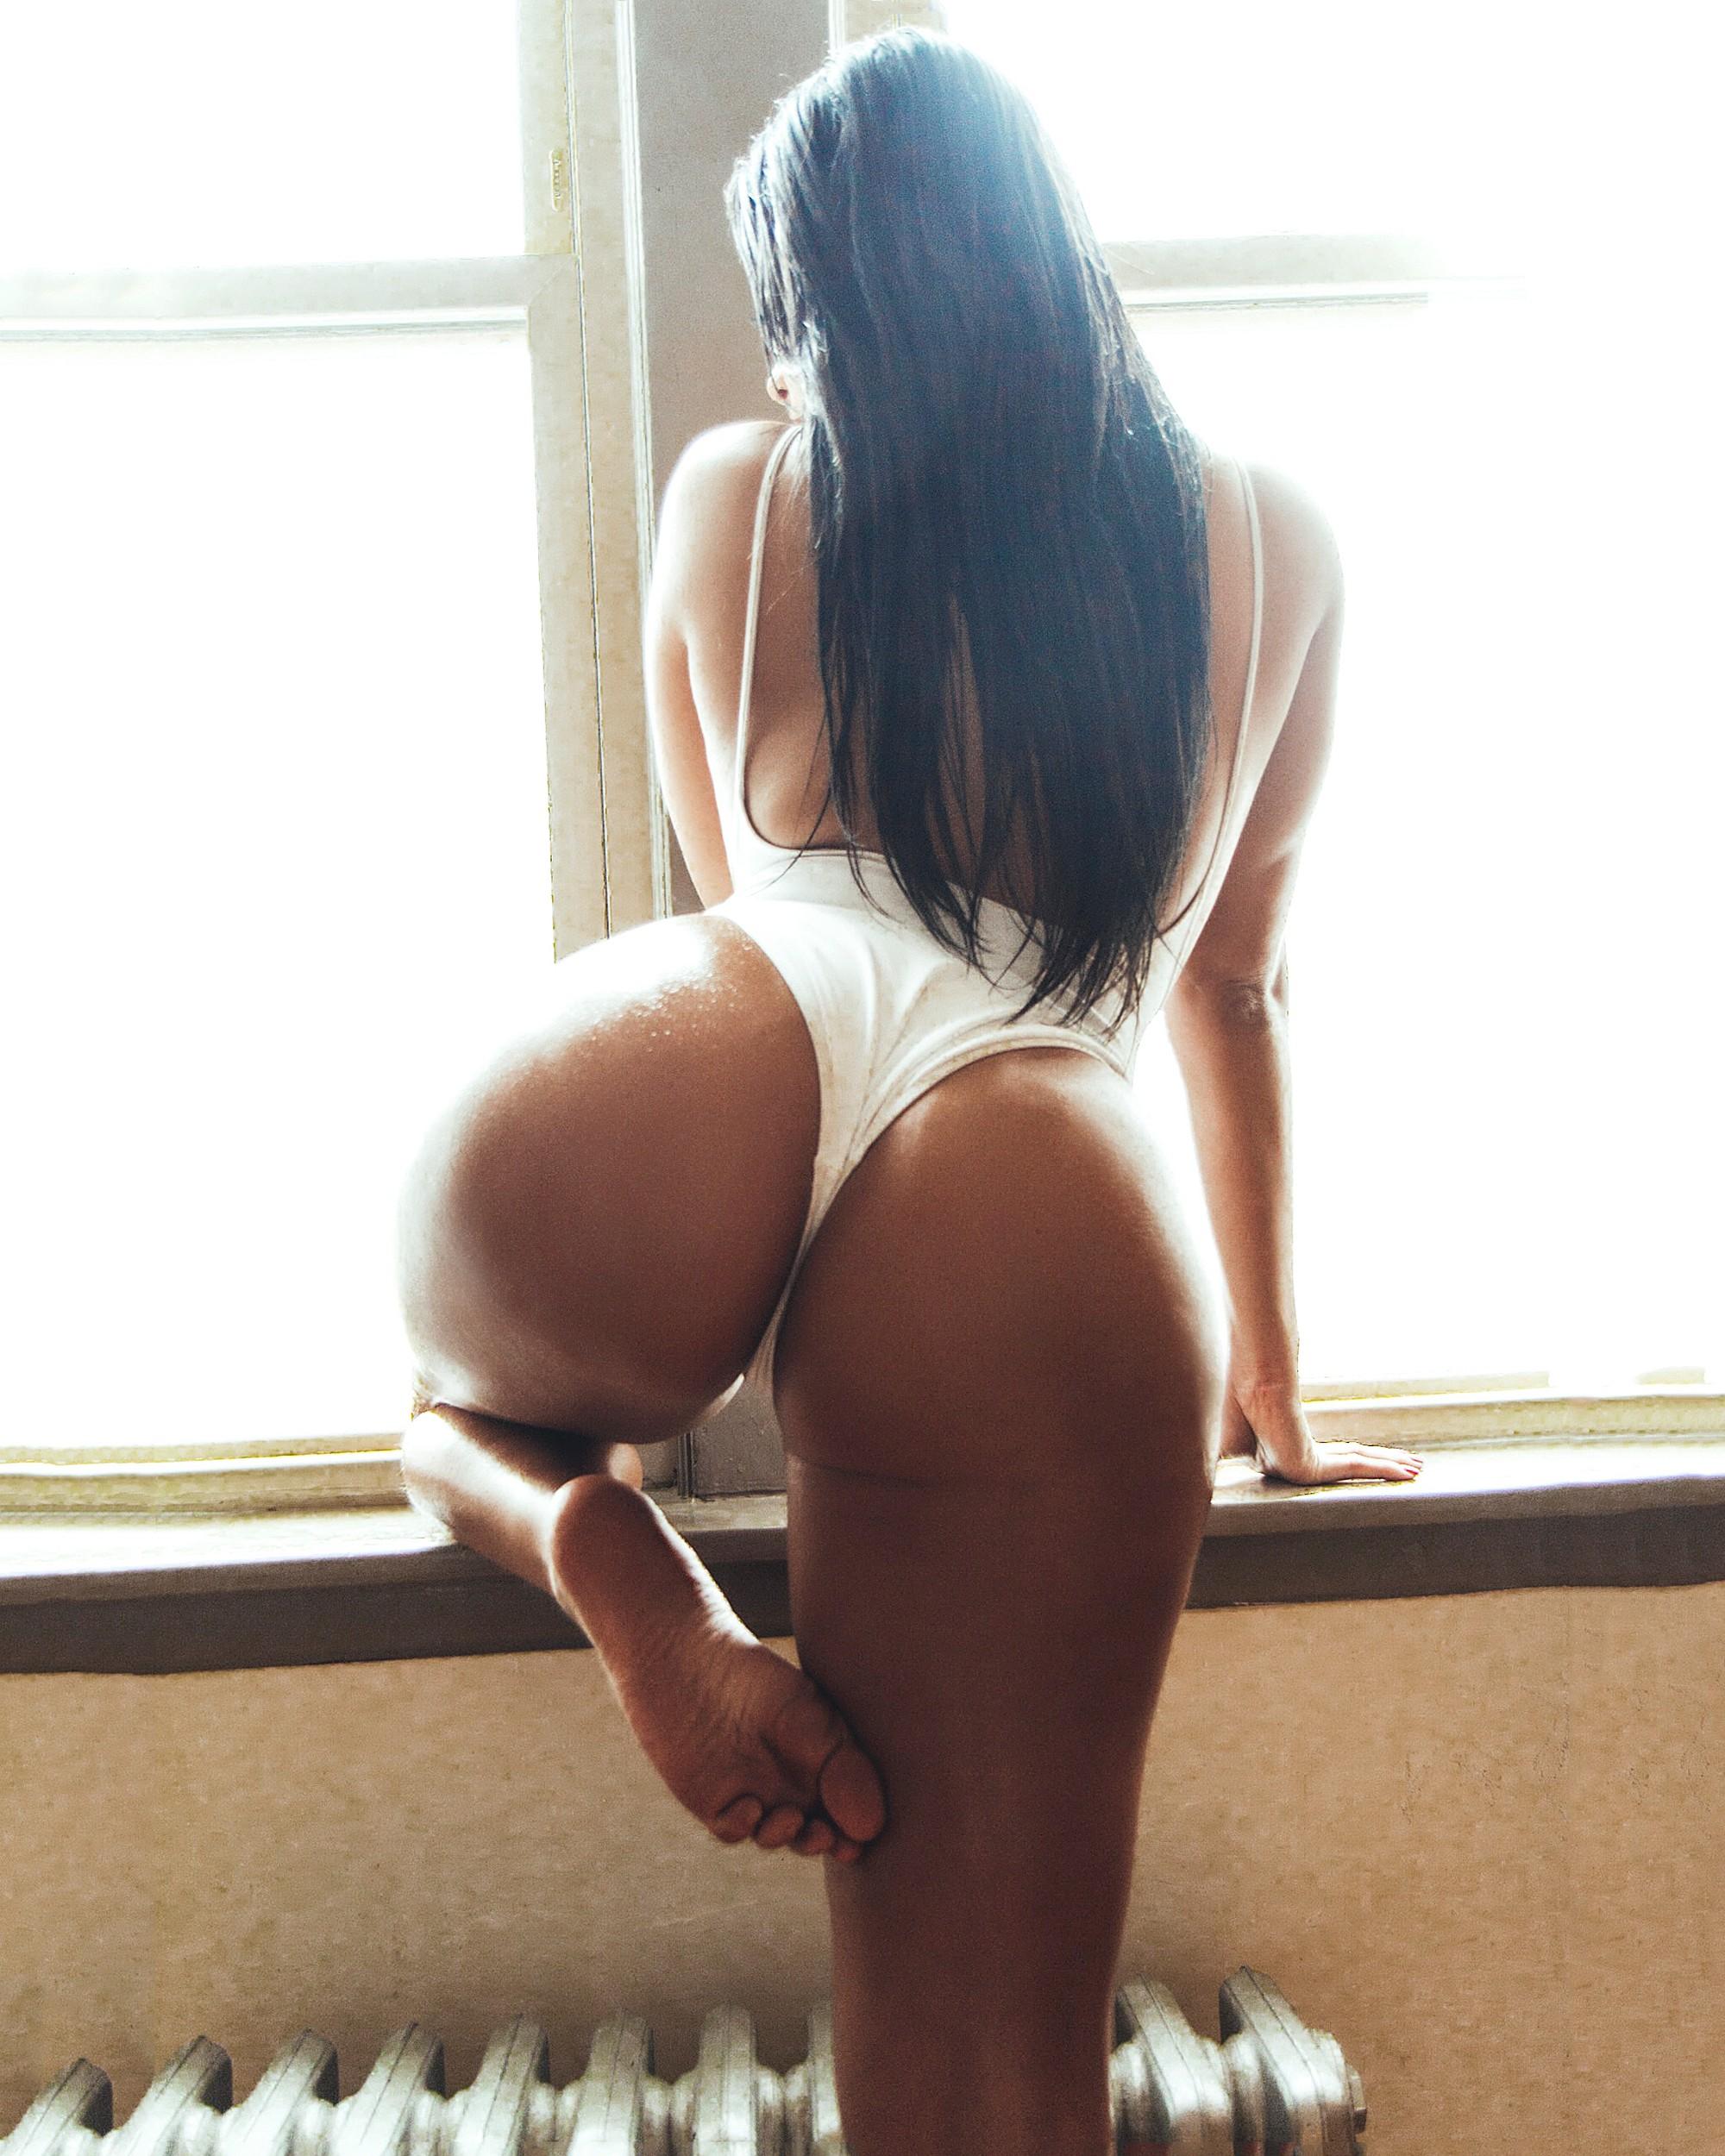 spxl_wanda_want_IMG_4173